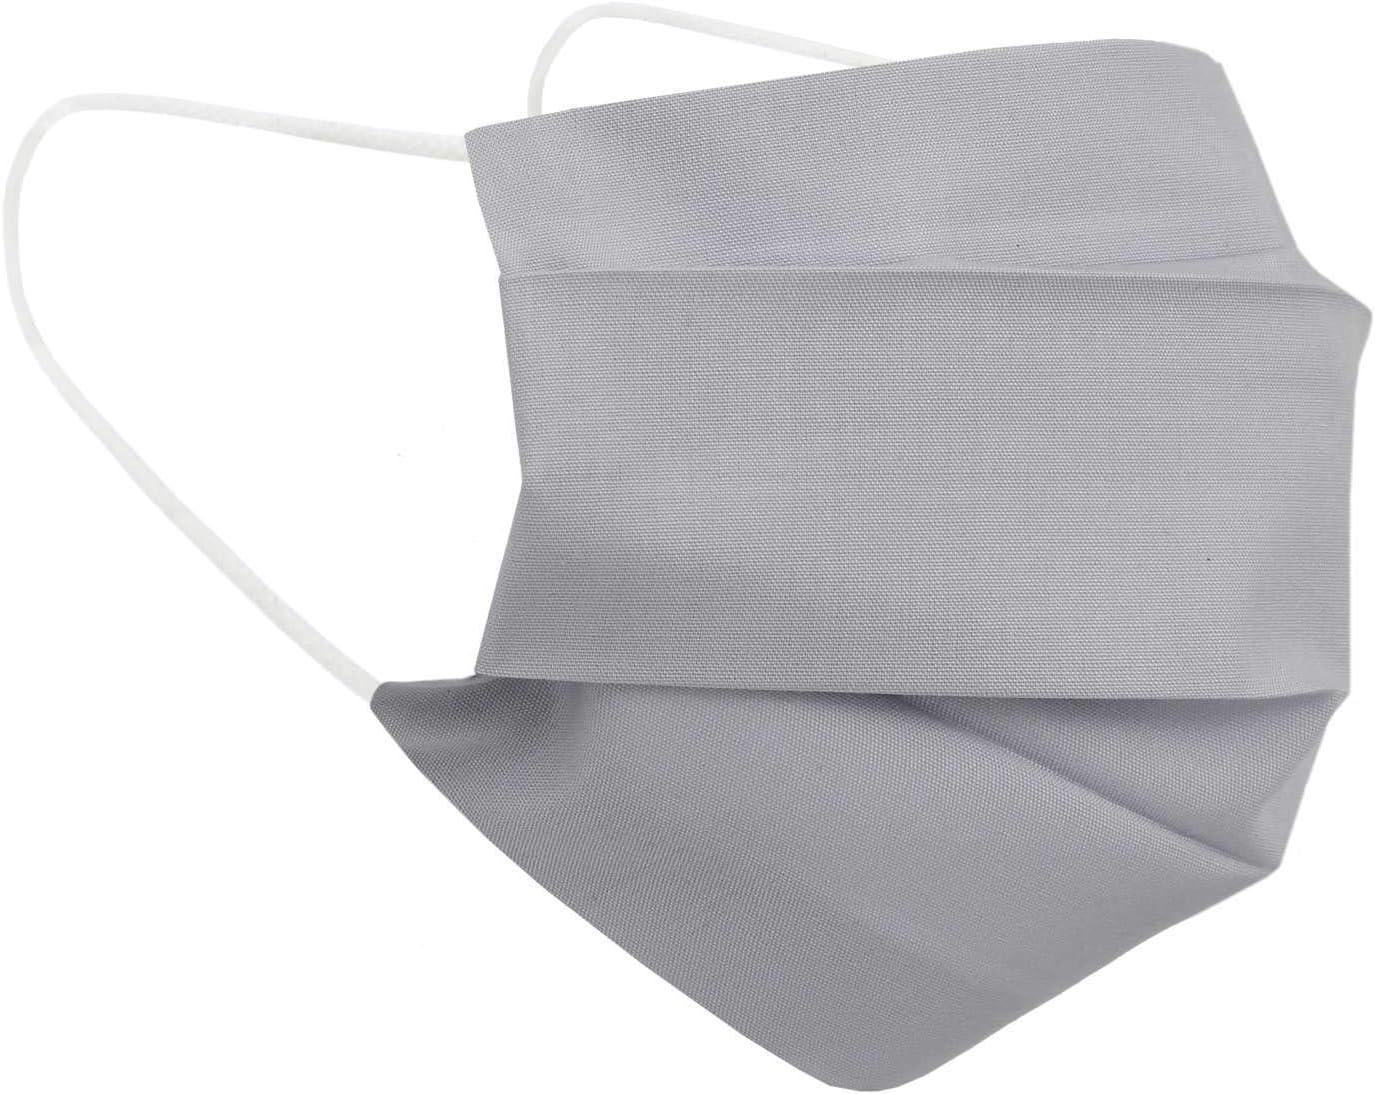 H/ände-Hygienet/ücher gratis 10er-Pack Mundschutz waschbar aus 100/% Bio-Baumwolle Oeko-TEX 100 Standard nachhaltig Earloop-Design 10 St Wiederverwendbare Behelfs-Abdeckung f/ür Mund Nase in wei/ß